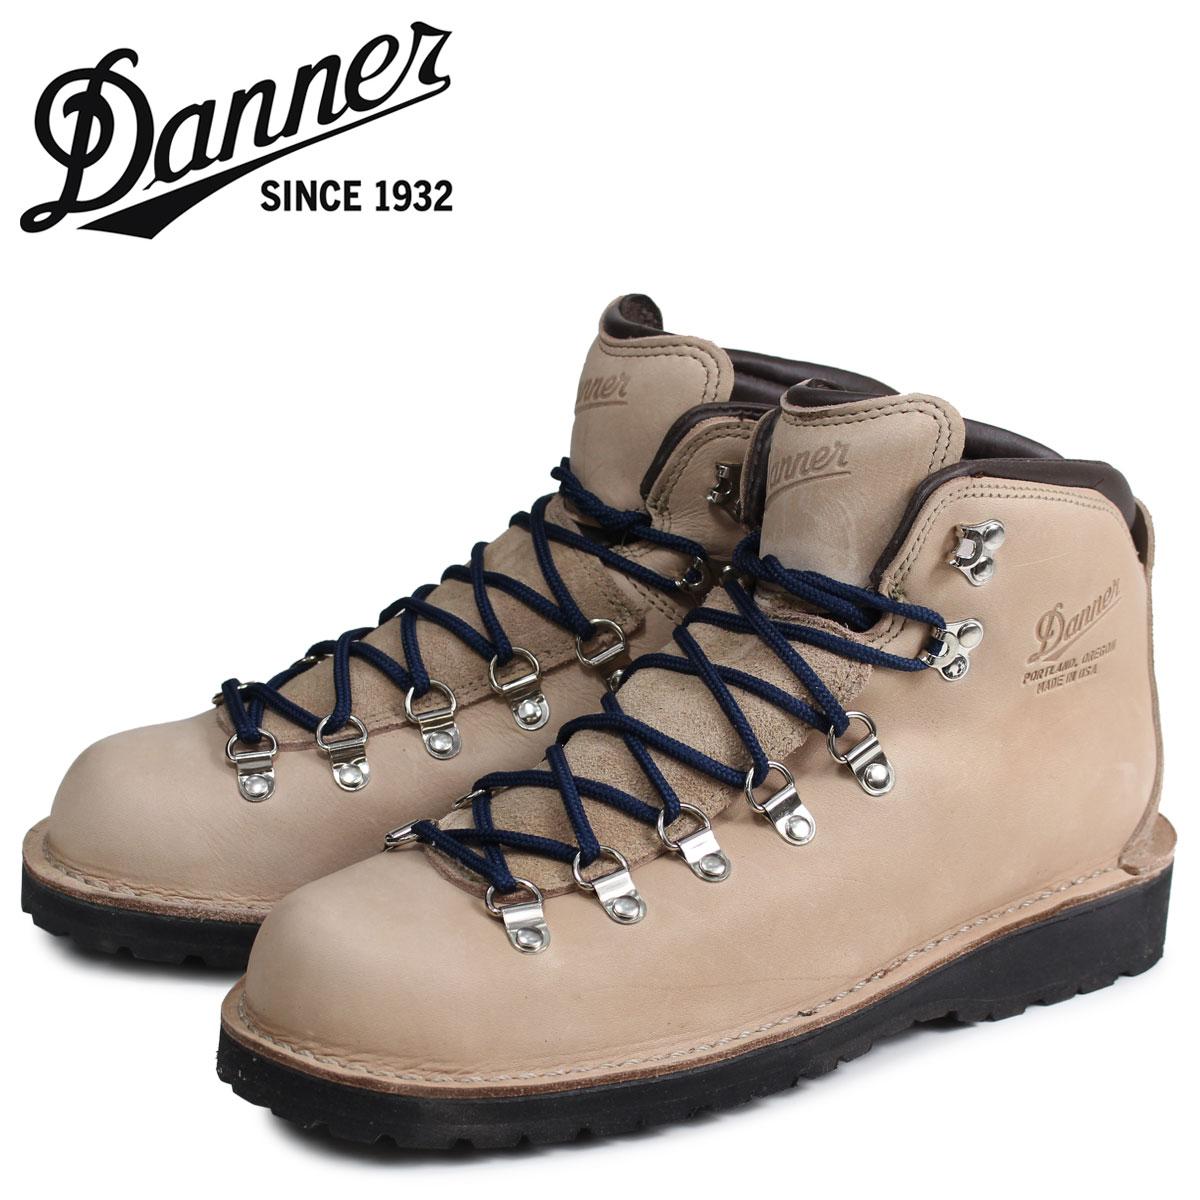 ダナー Danner マウンテンパス ブーツ メンズ MOUNTAIN PASS MADE IN USA EEワイズ ベージュ 33292